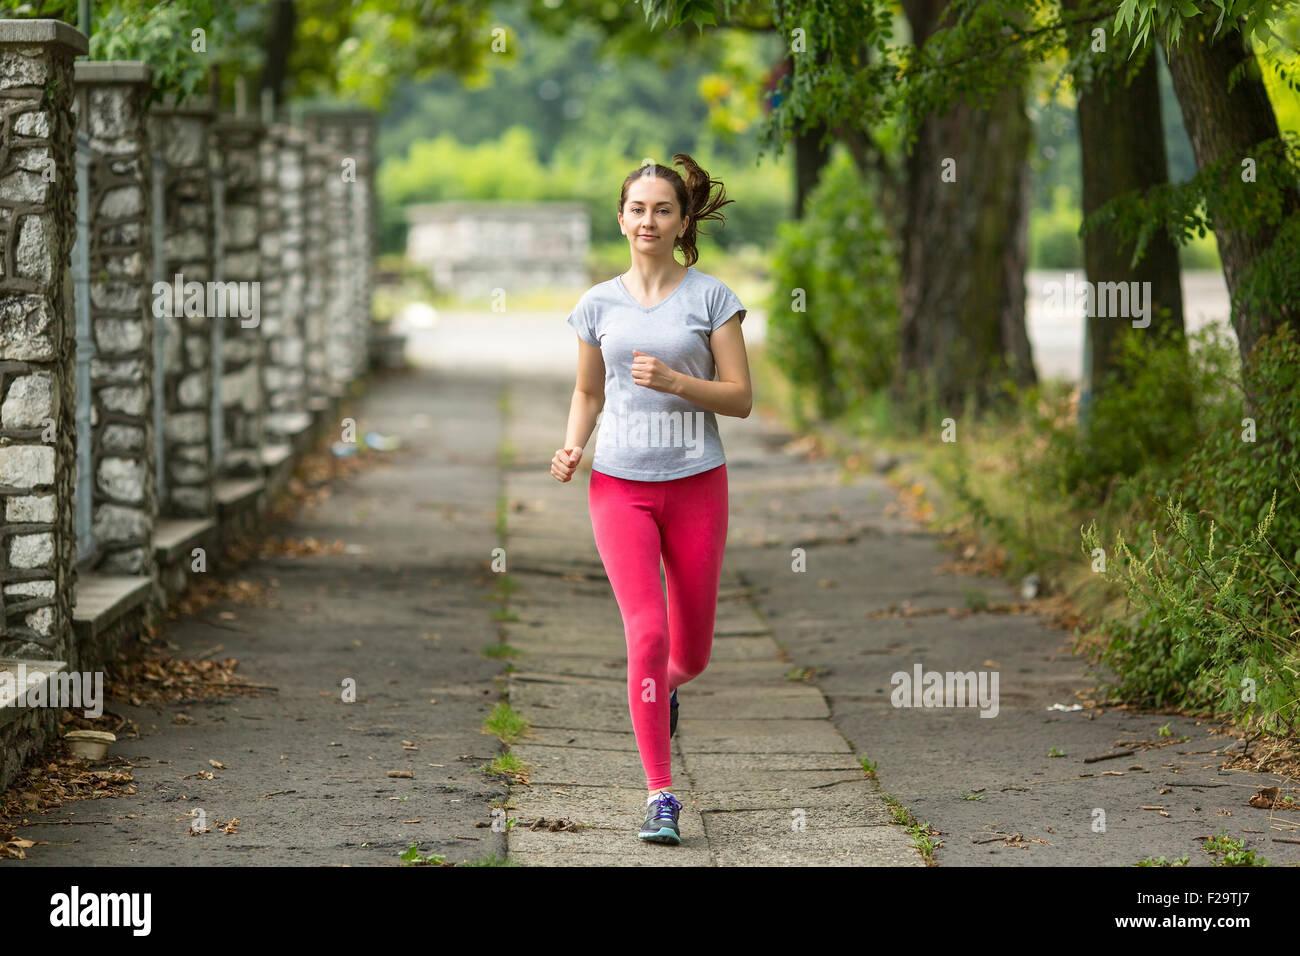 En cours d'exécution. Young woman Jogging dans le parc. Jogging du matin. Mode de vie sain. Photo Stock